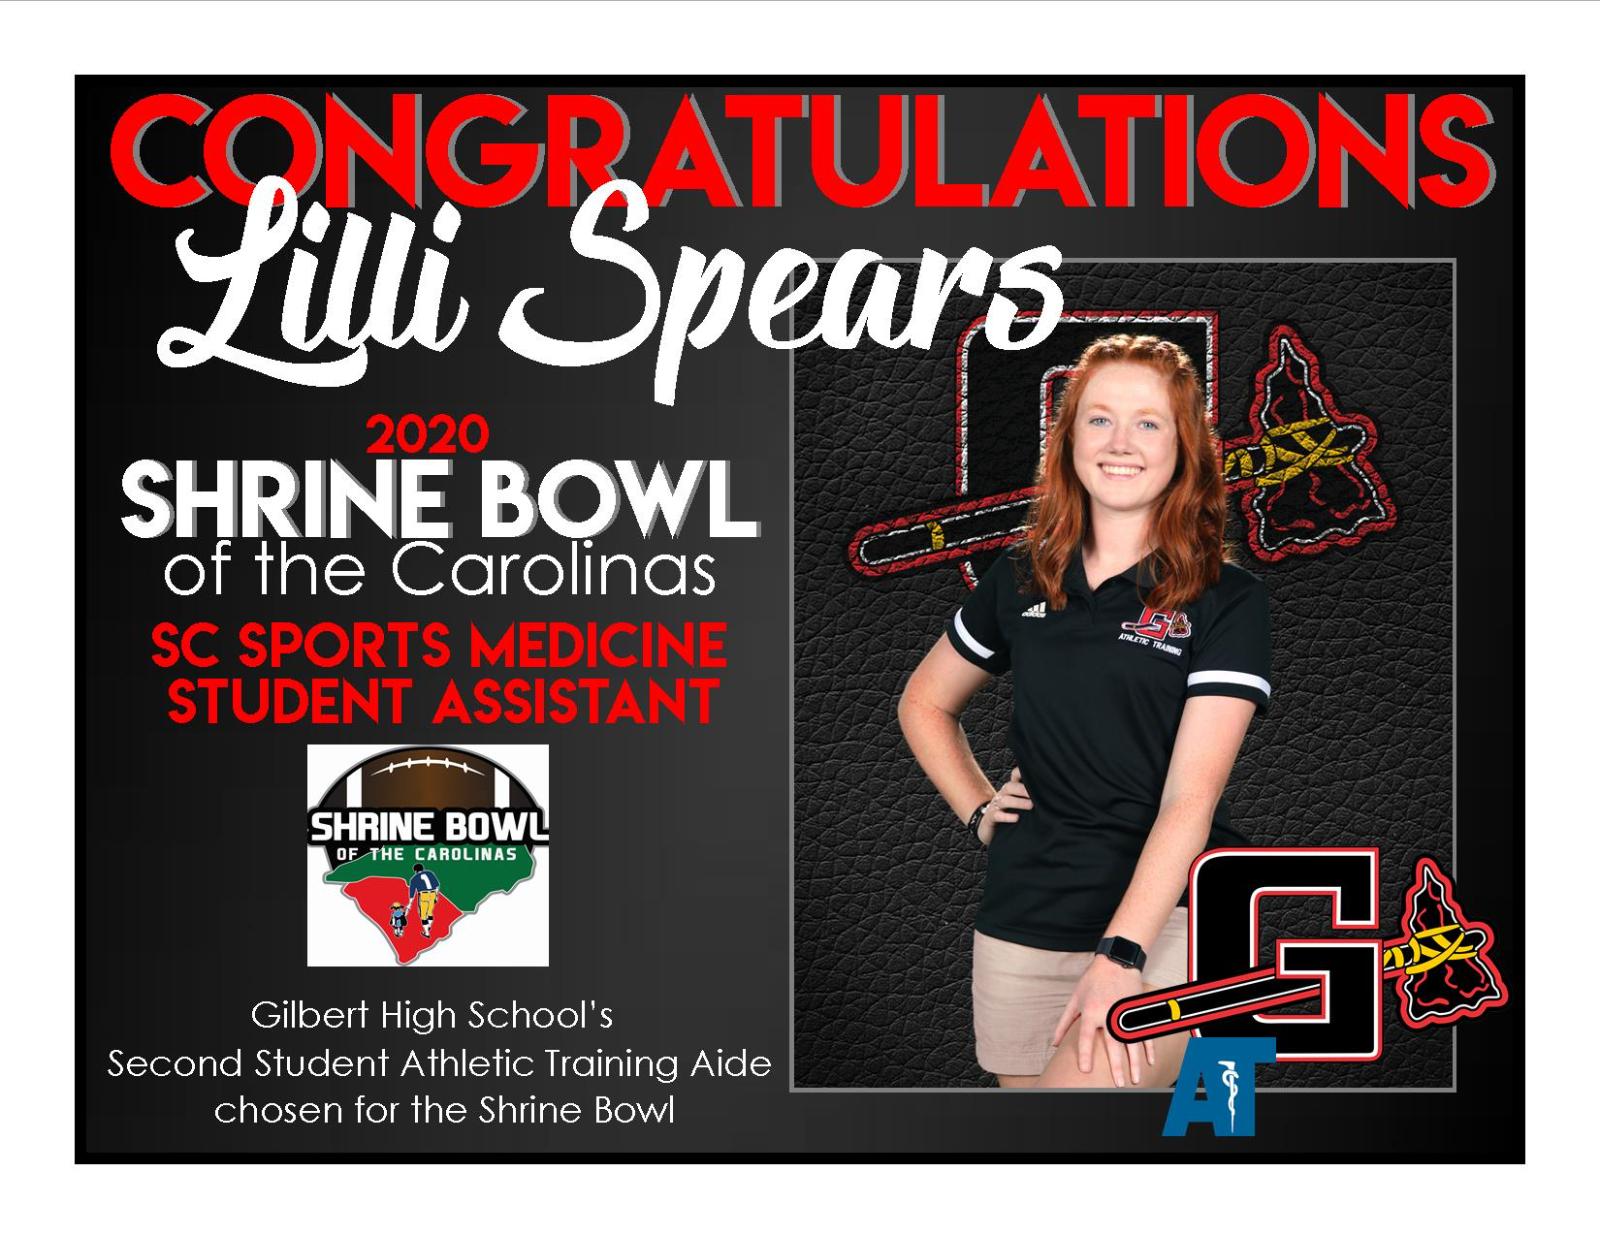 Lilli Spears SC Sports Student Medicine Asst for the Shrine Bowl